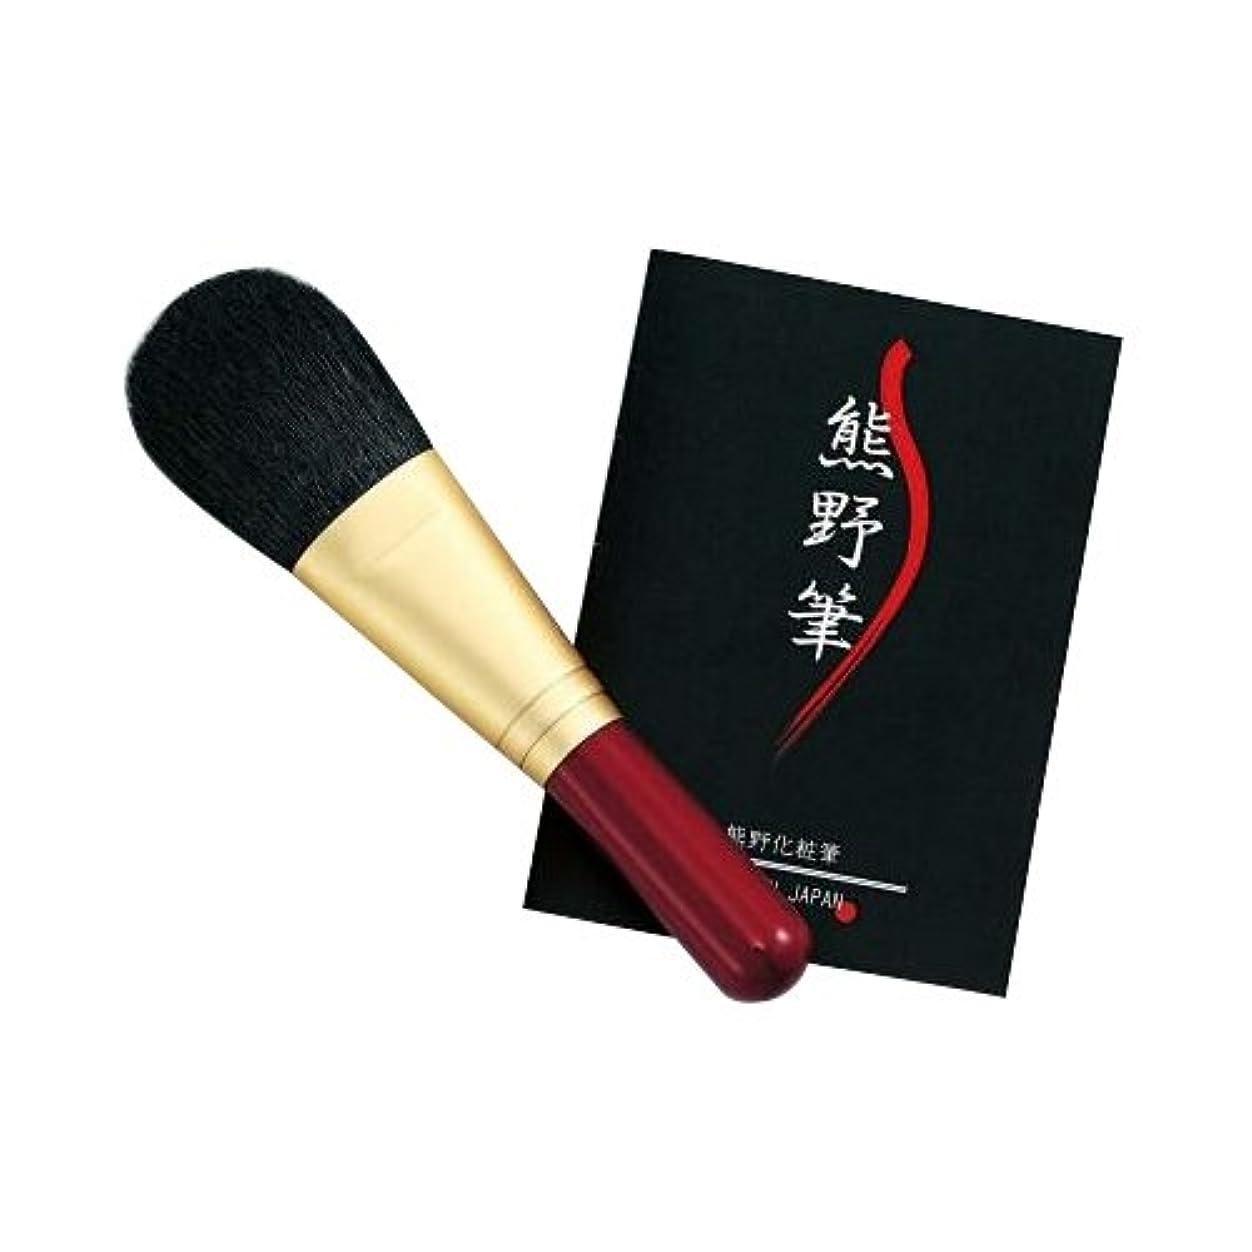 パワーセル豊かにする小屋ゼニス 熊野化粧筆 筆の心 フェイスブラシ(ショート)